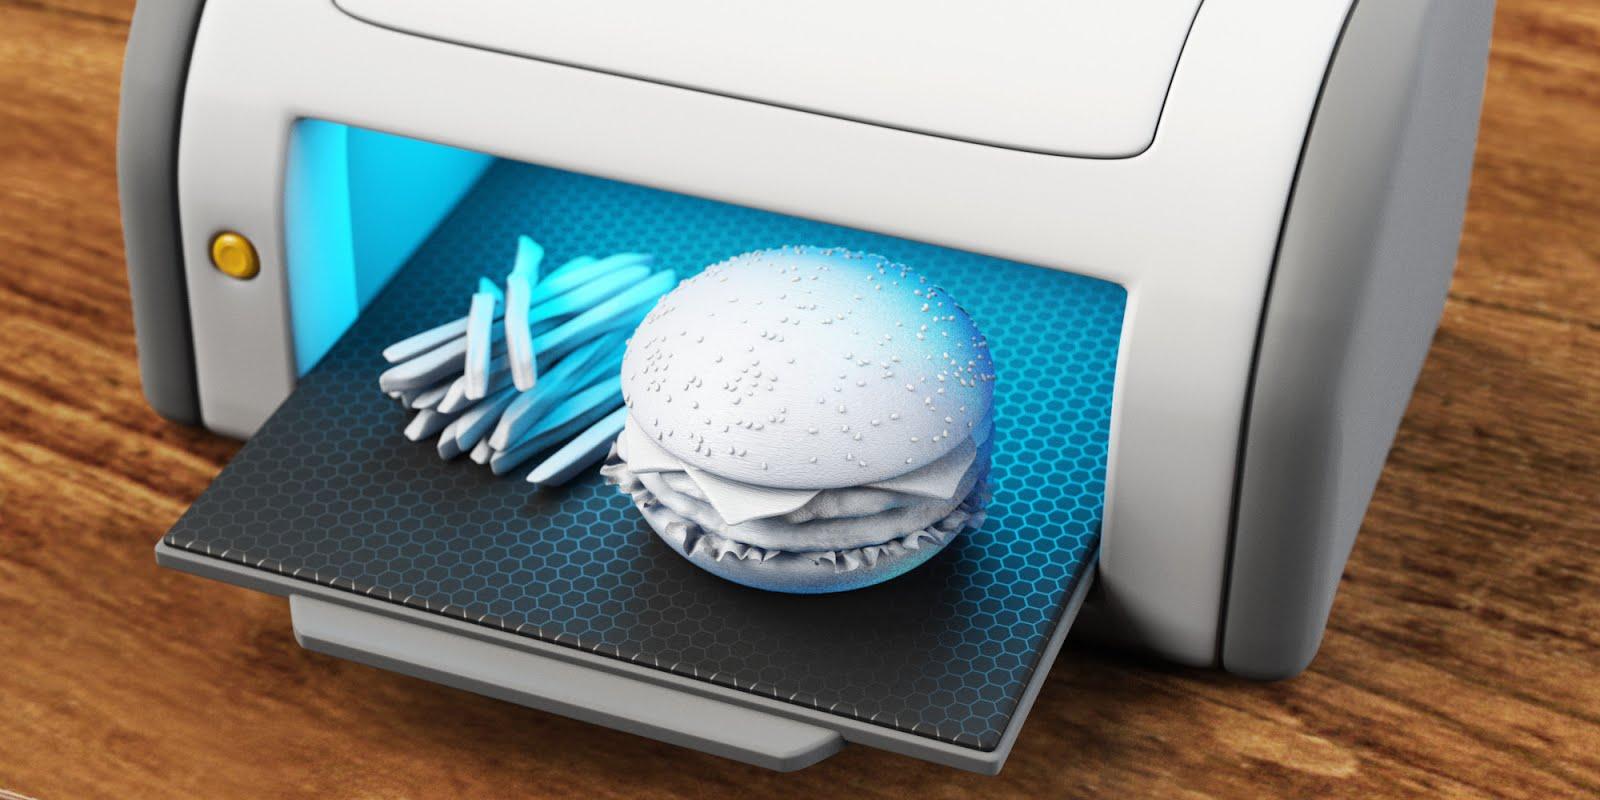 الطباعة ثلاثية الابعاد